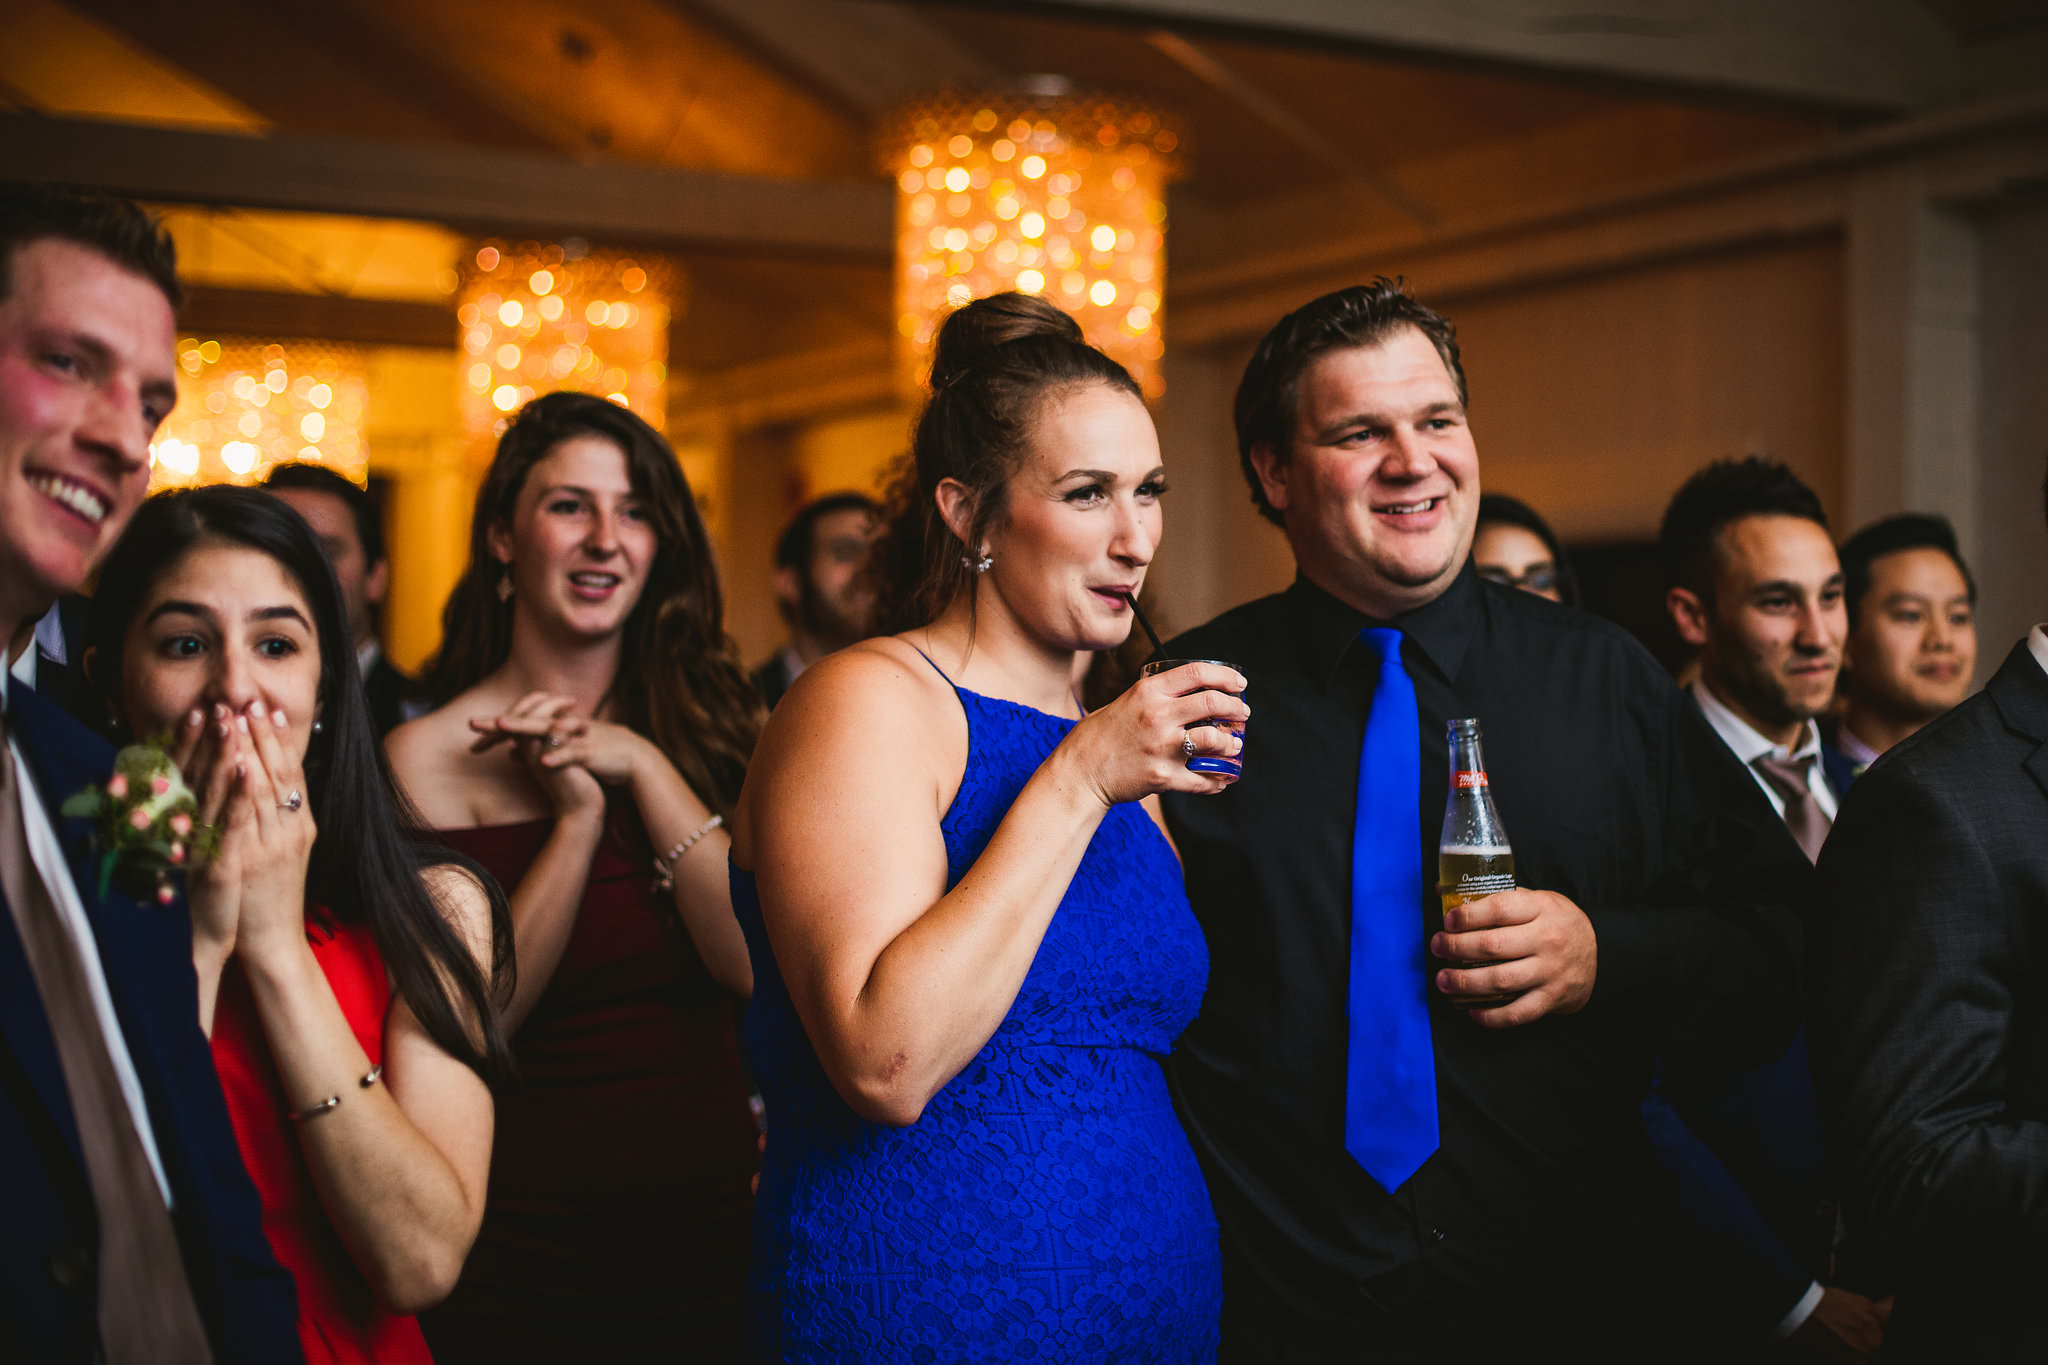 whistlebearweddingphotos 836 - Whistle Bear Wedding Photos